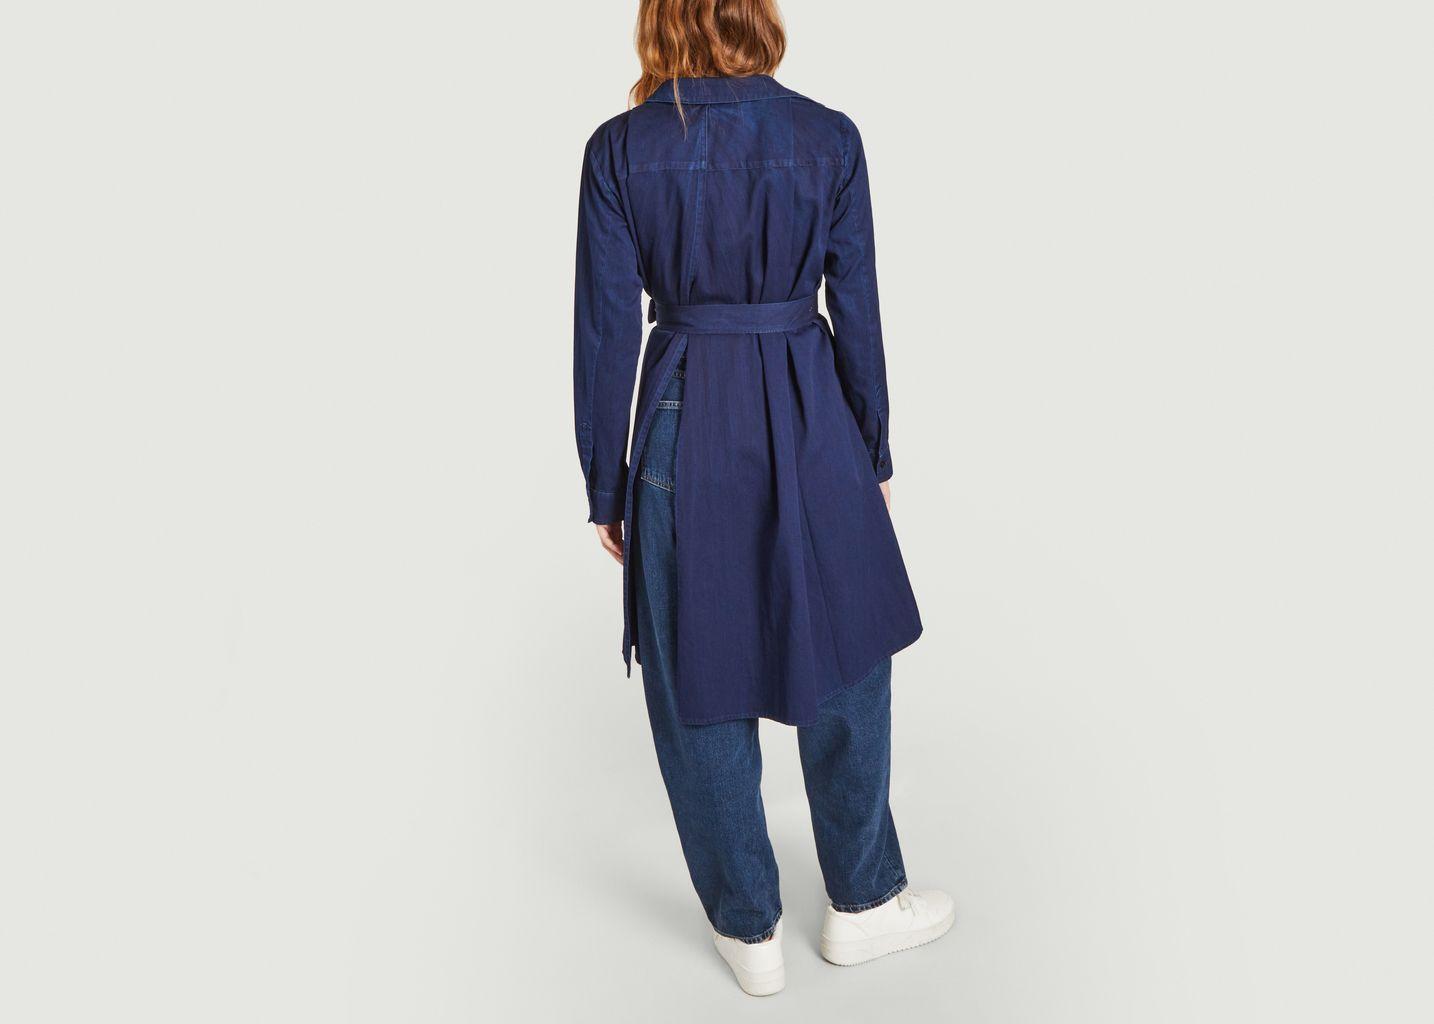 Robe-tunique ceinturée manches longues Renatta - Façon Jacmin